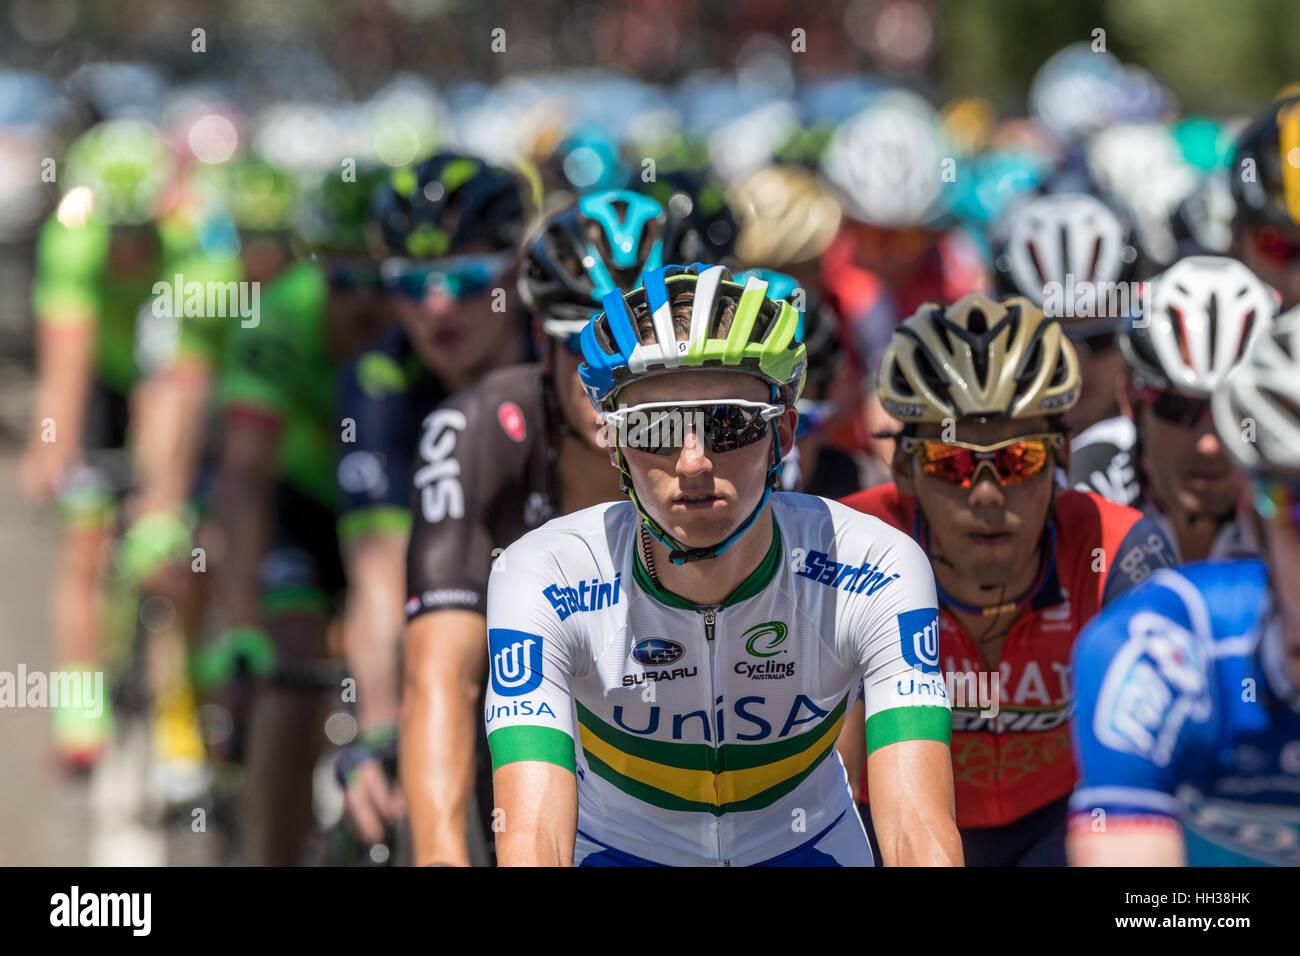 Adelaide, Australia. Il 17 gennaio, 2017. I ciclisti da Team UNISA (N.A.) durante la fase 1 del Santos Tour Down Foto Stock